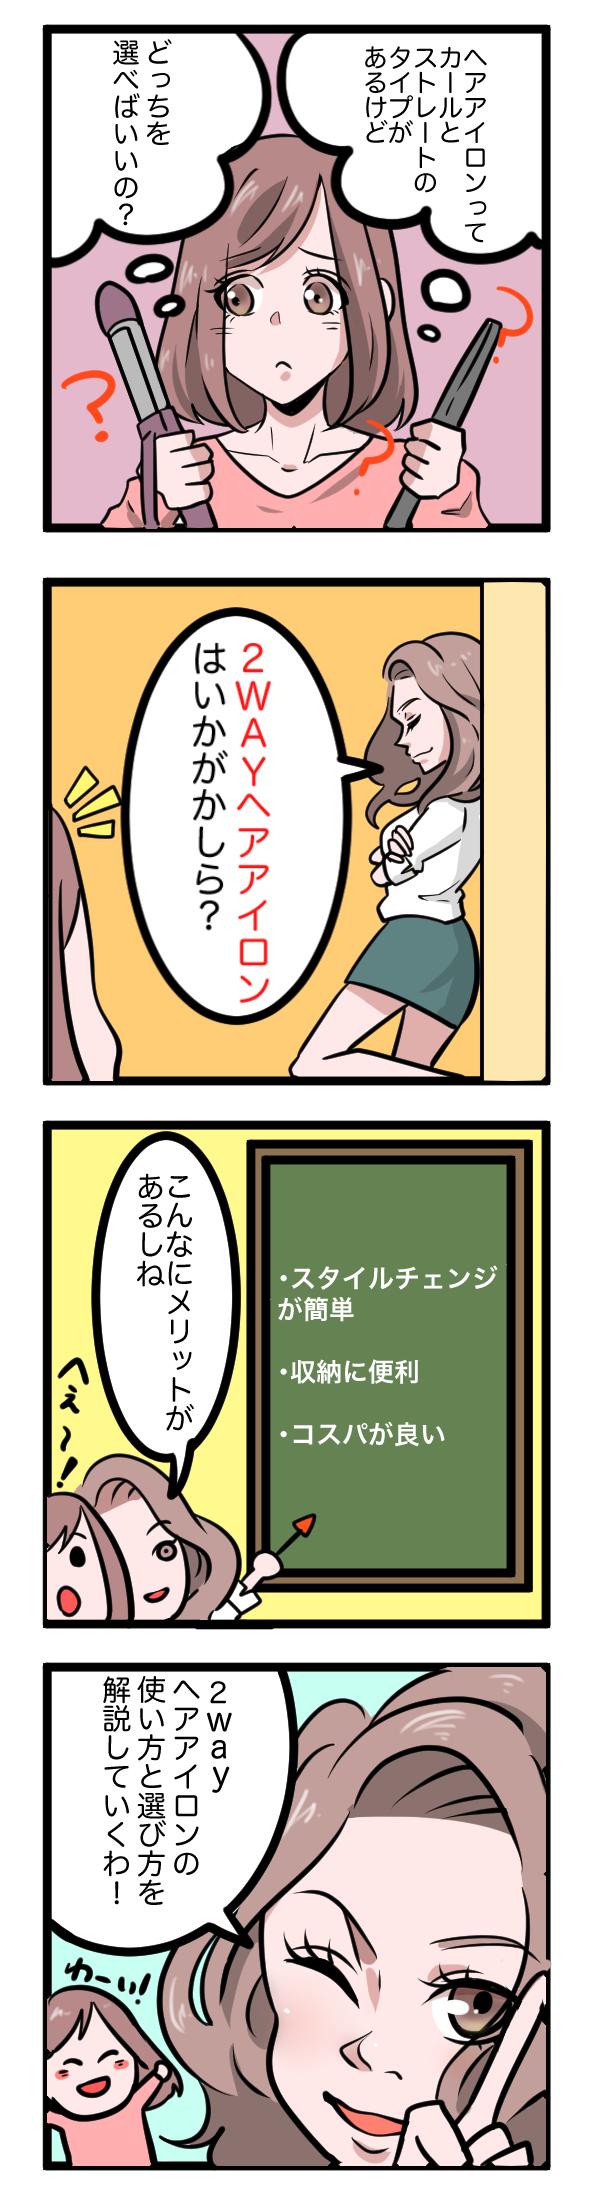 2wayヘアアイロンをおすすめする漫画